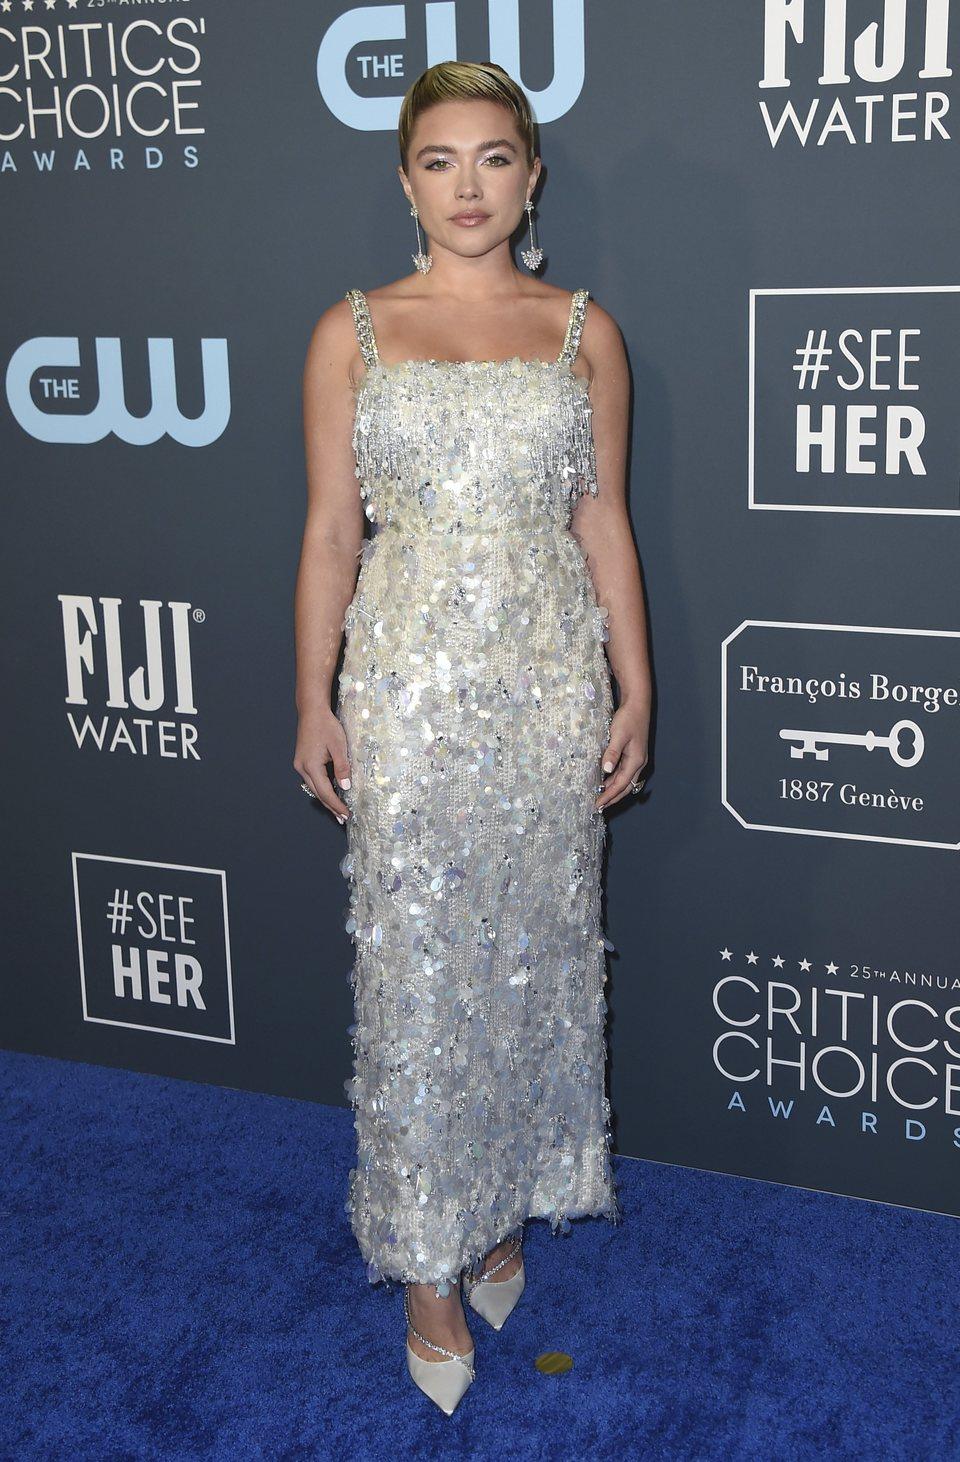 Florence Pugh en la alfombra de los Critics' Choice Awards 2020